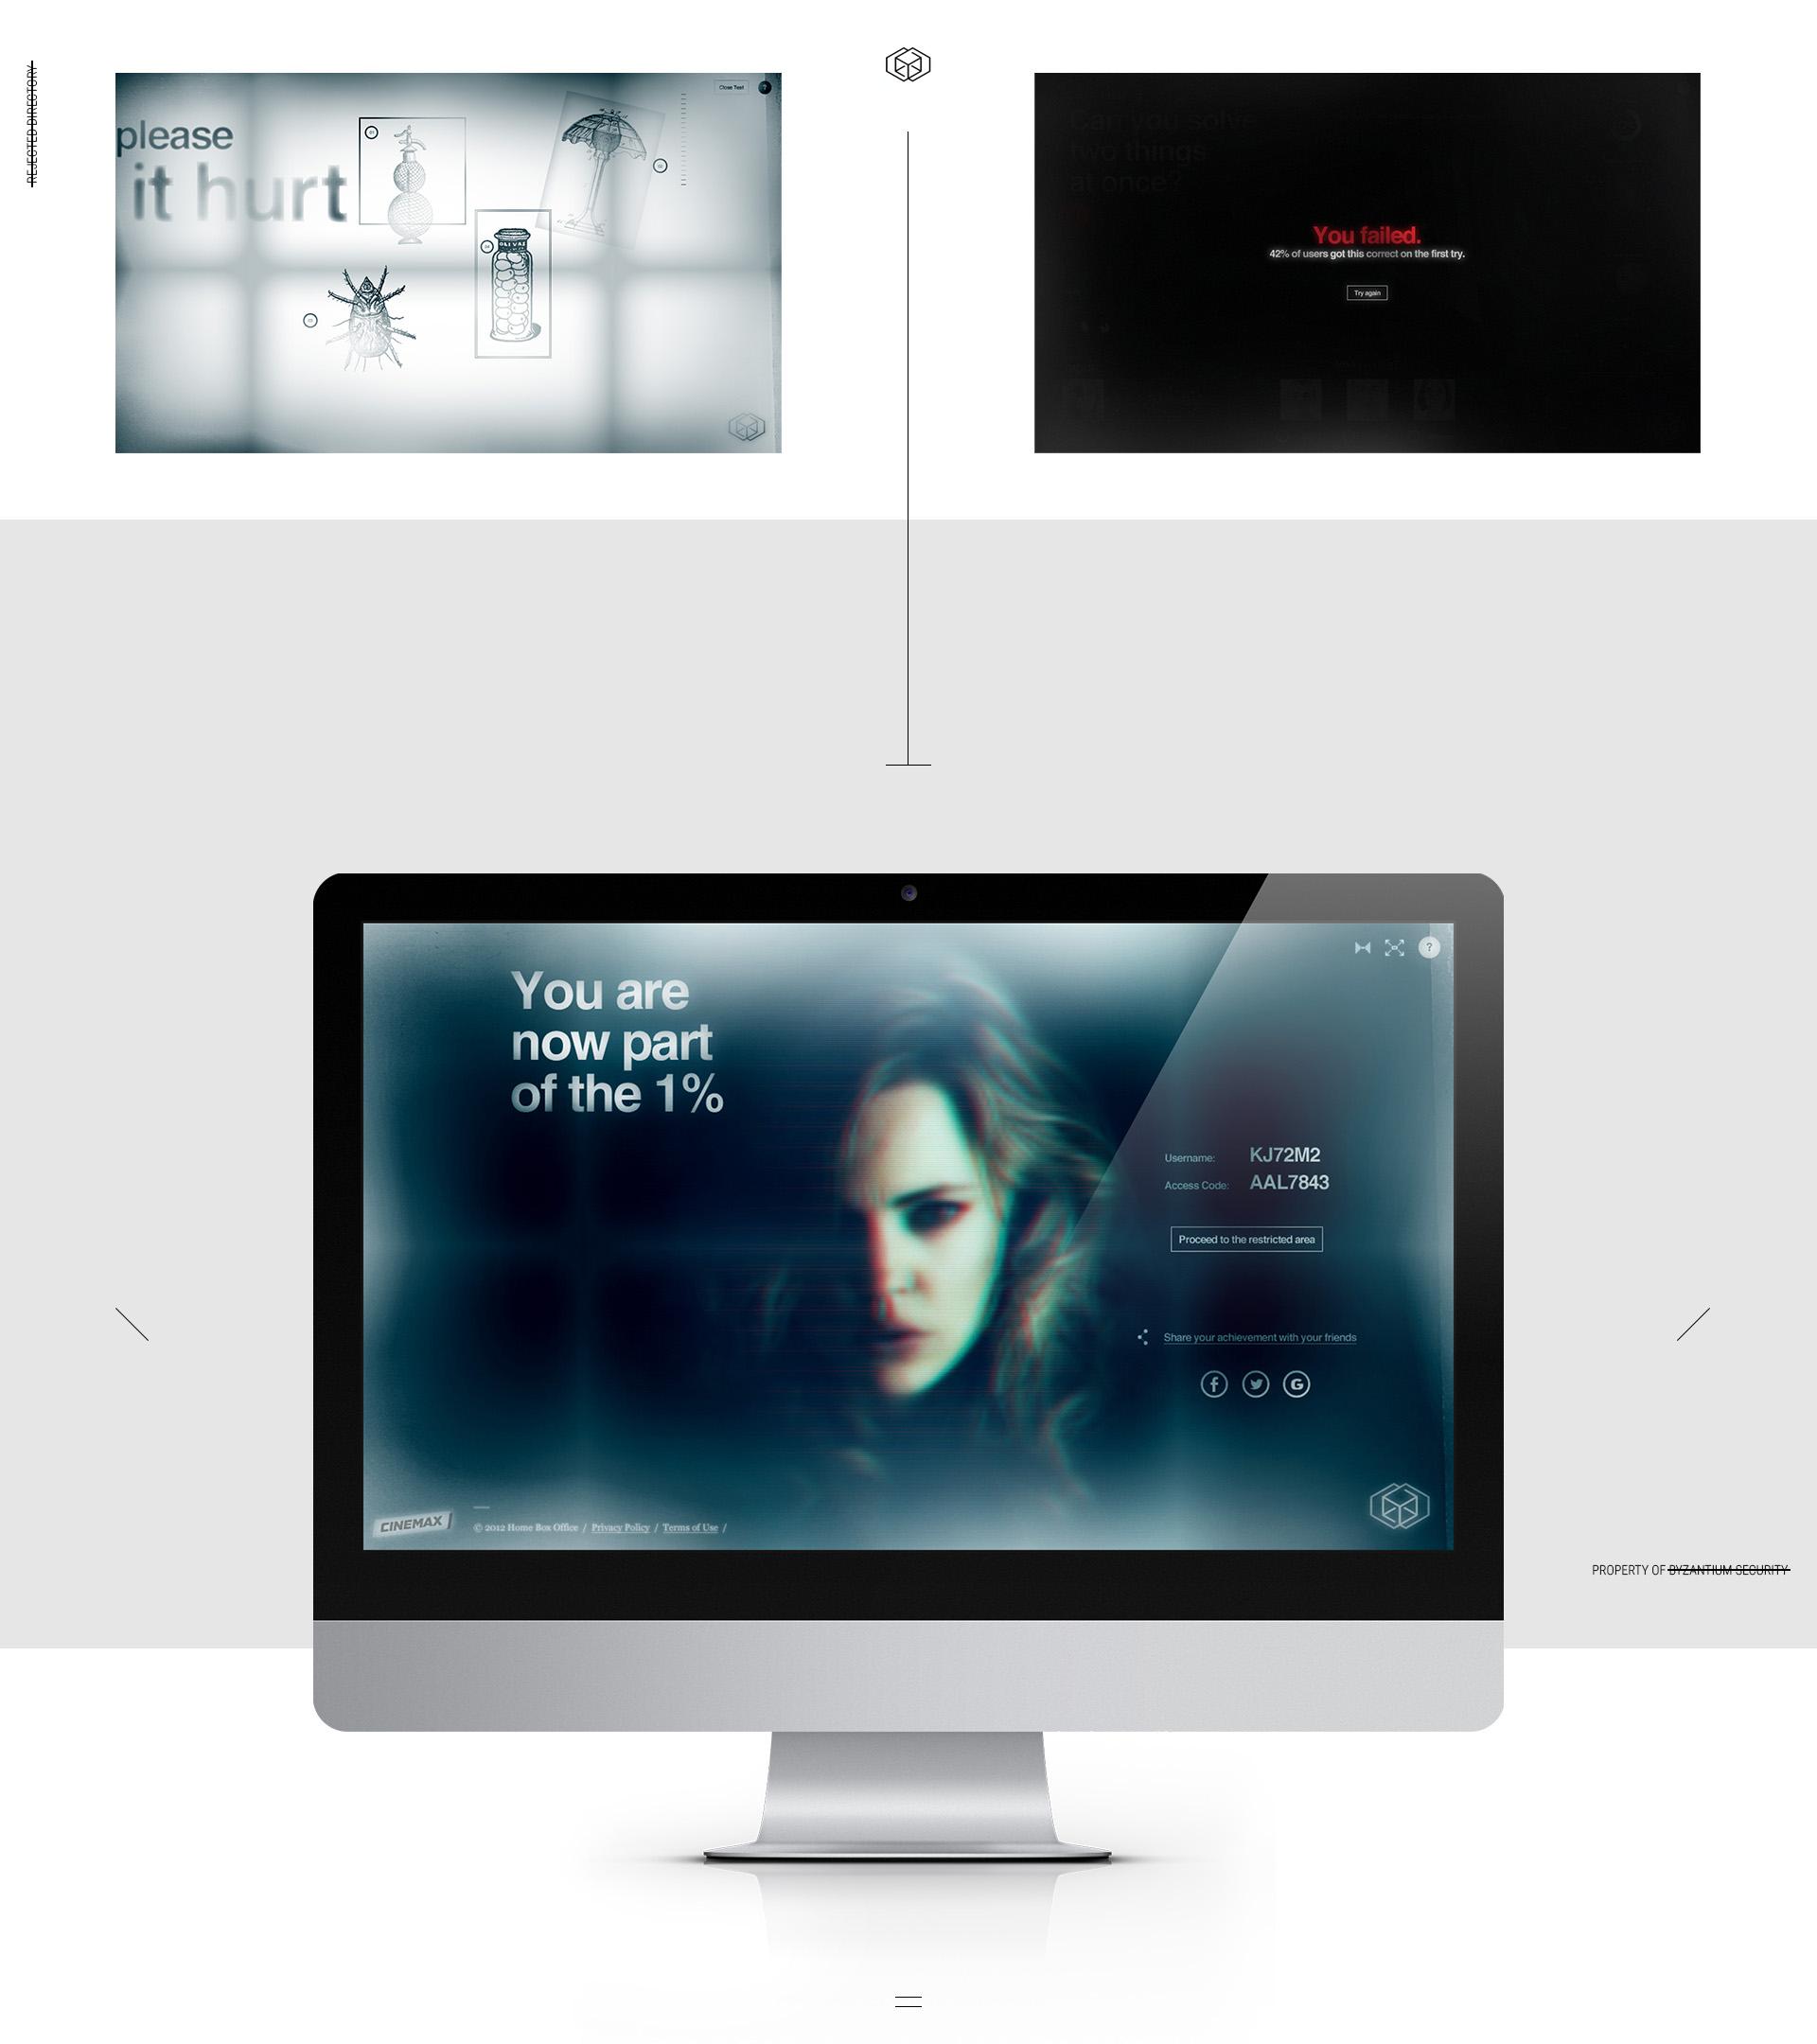 hunted-design-end-02.jpg